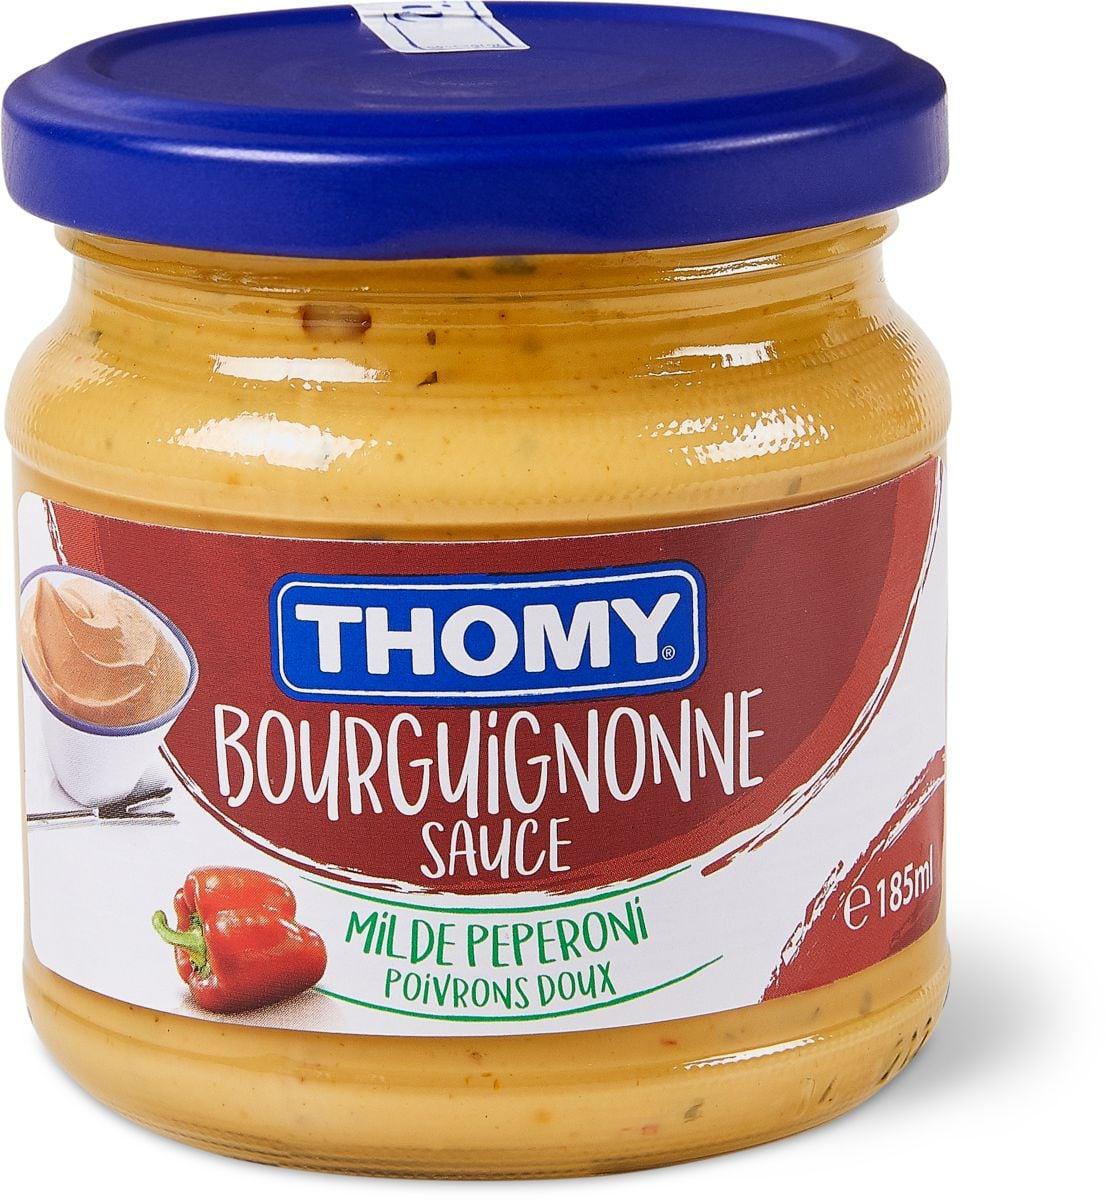 Thomy Bourguignonne